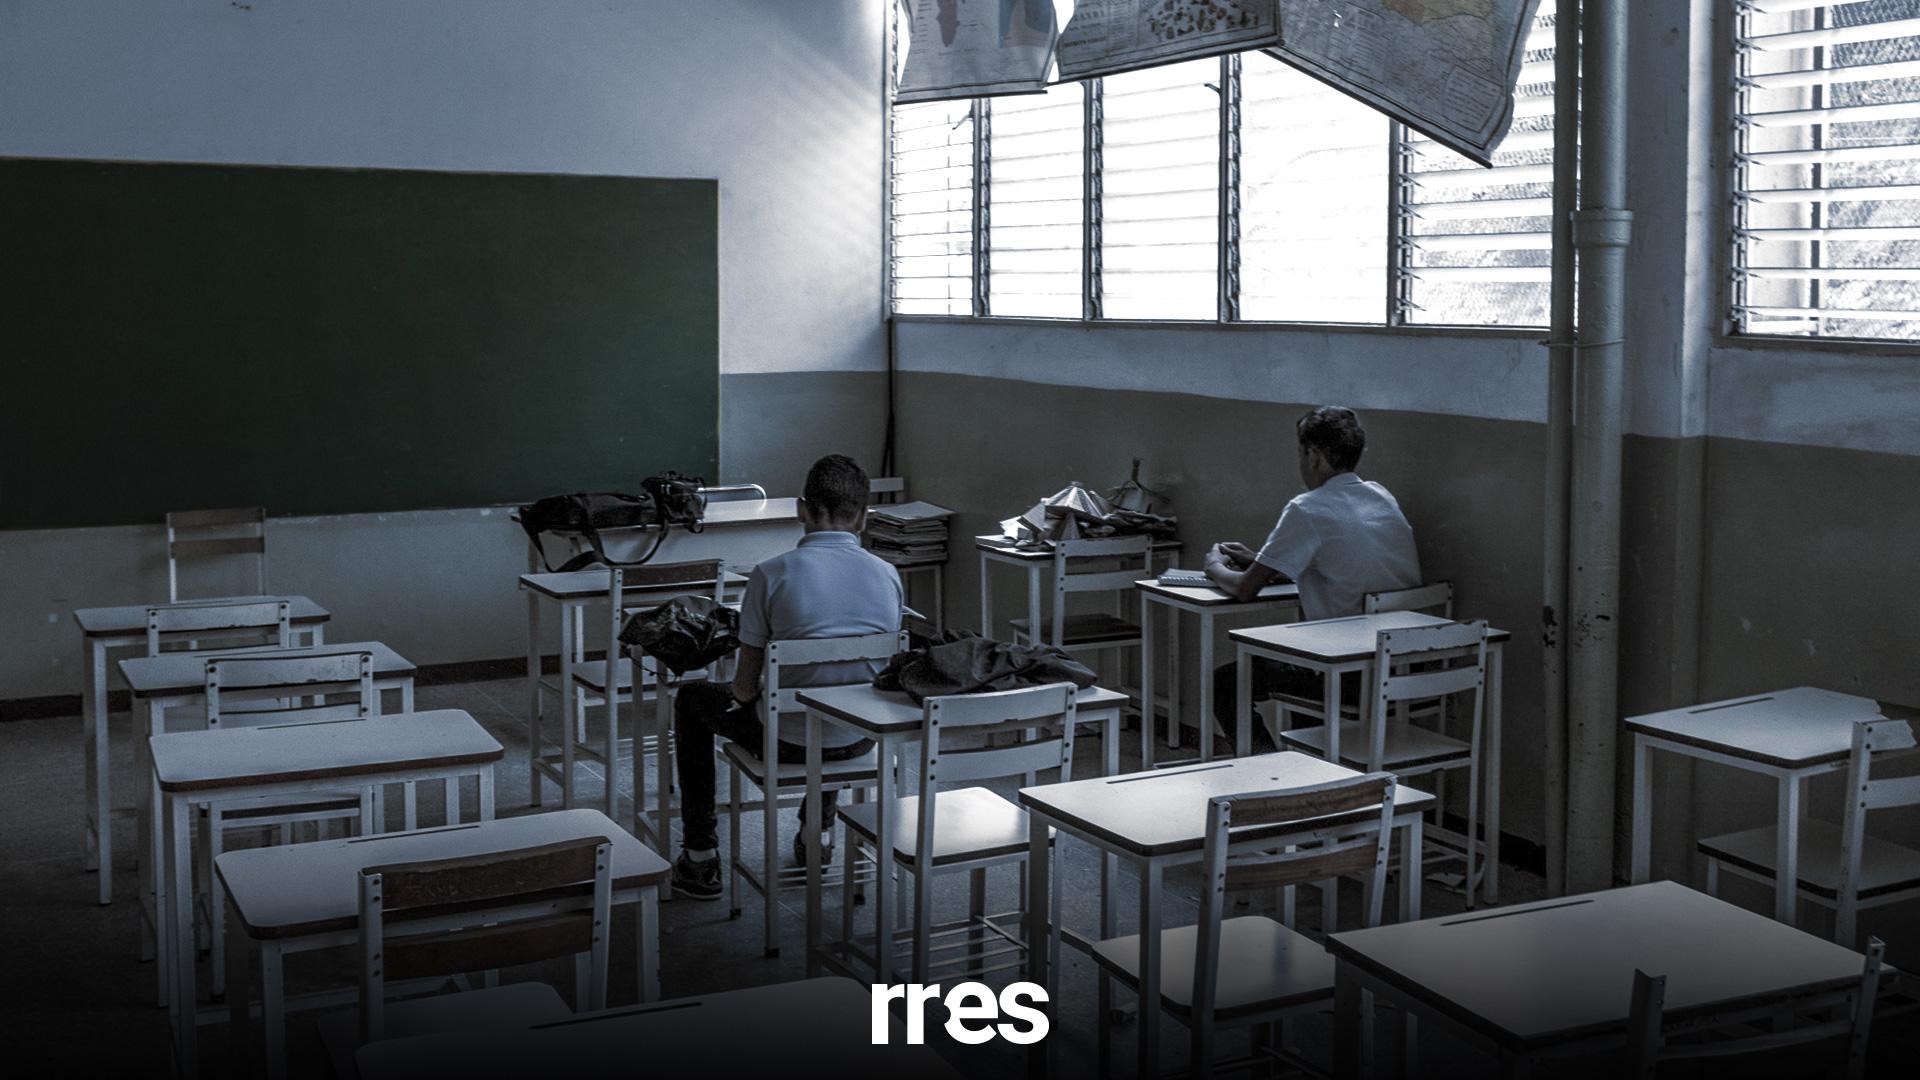 El regreso a clases presenciales es necesario pero no hay condiciones